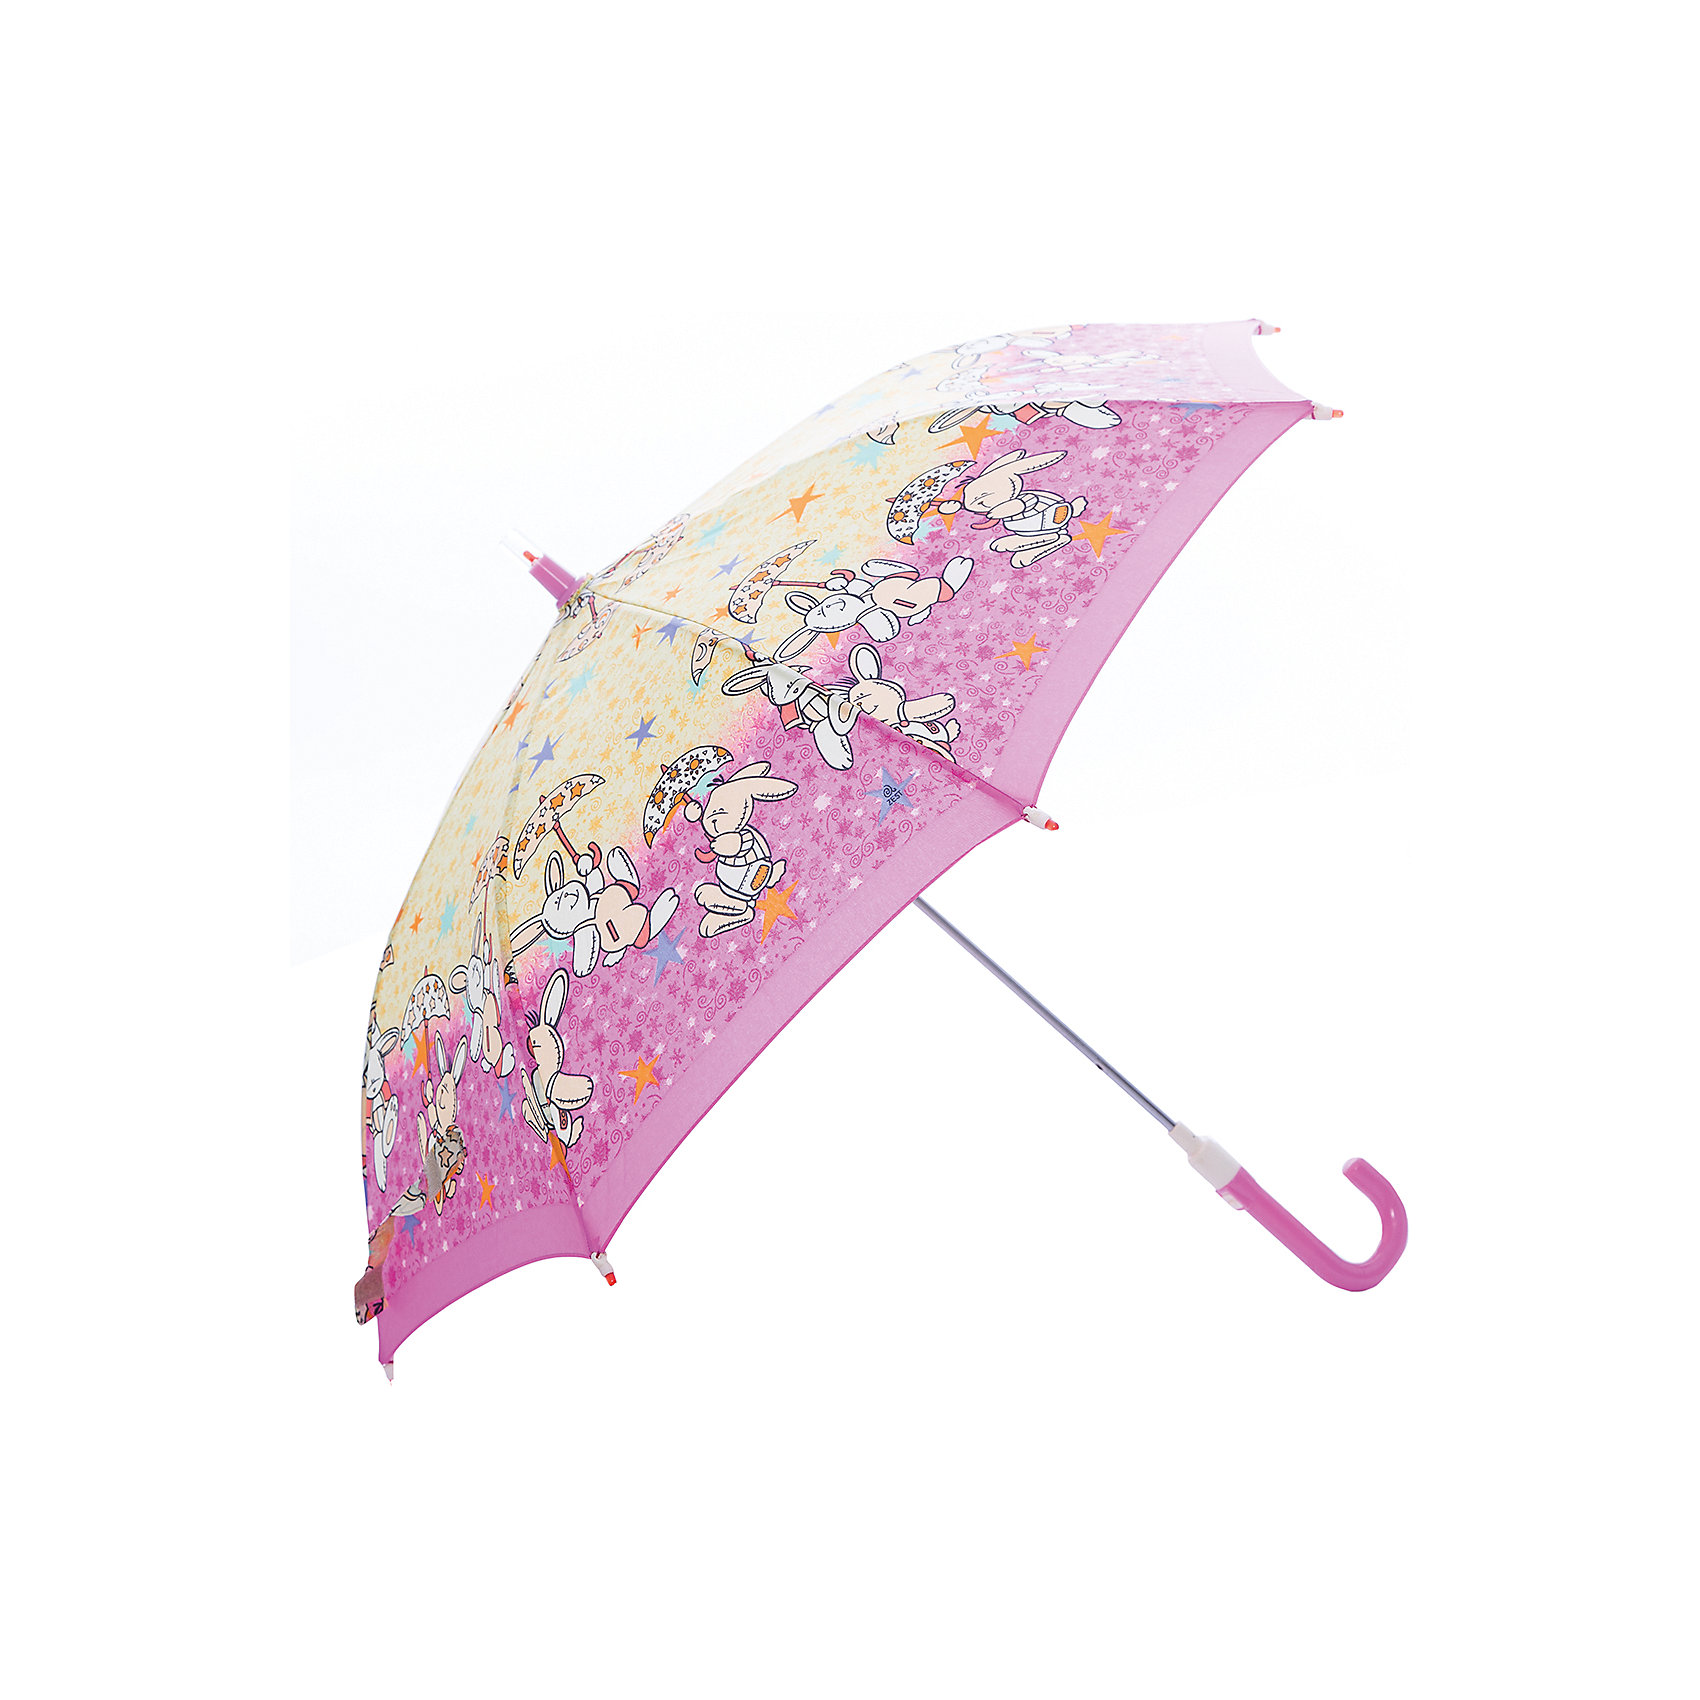 Зонт-трость, детский, розово-желтыйЗонты детские<br>Красочный детский зонтик Zest трость, механика, 8 спиц, купол 72 см, материал купола полиэстер, ручка зонта из пластика, материал каркаса - сталь. Концы спиц зонтика прикрыты специальными колпачками. ВЕТРОУСТОЙЧИВАЯ КОНСТРУКЦИЯ. Внимание! В сильный ветер не эксплуатировать! Зонт может сломаться. Гарантия 6 месяцев, срок службы 5 лет.<br><br>Ширина мм: 680<br>Глубина мм: 0<br>Высота мм: 0<br>Вес г: 310<br>Возраст от месяцев: 36<br>Возраст до месяцев: 2147483647<br>Пол: Унисекс<br>Возраст: Детский<br>SKU: 5511990